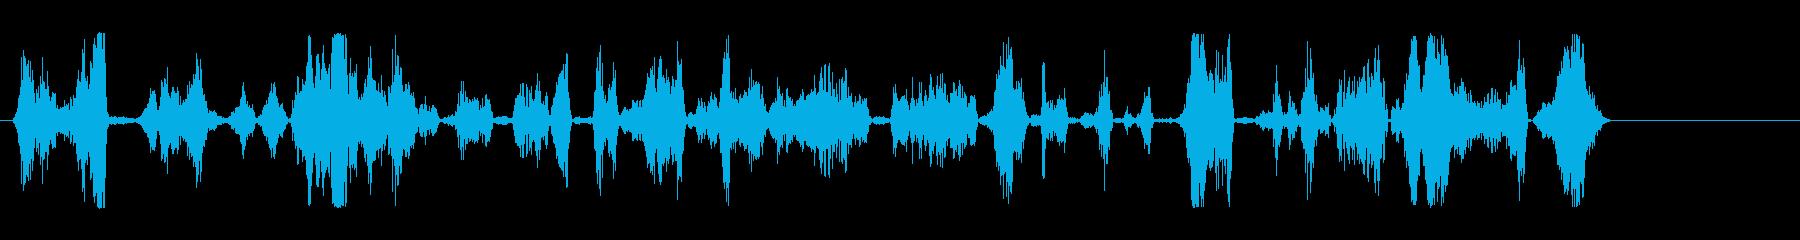 処理された悪質な犬のうなり声。低頻度。の再生済みの波形